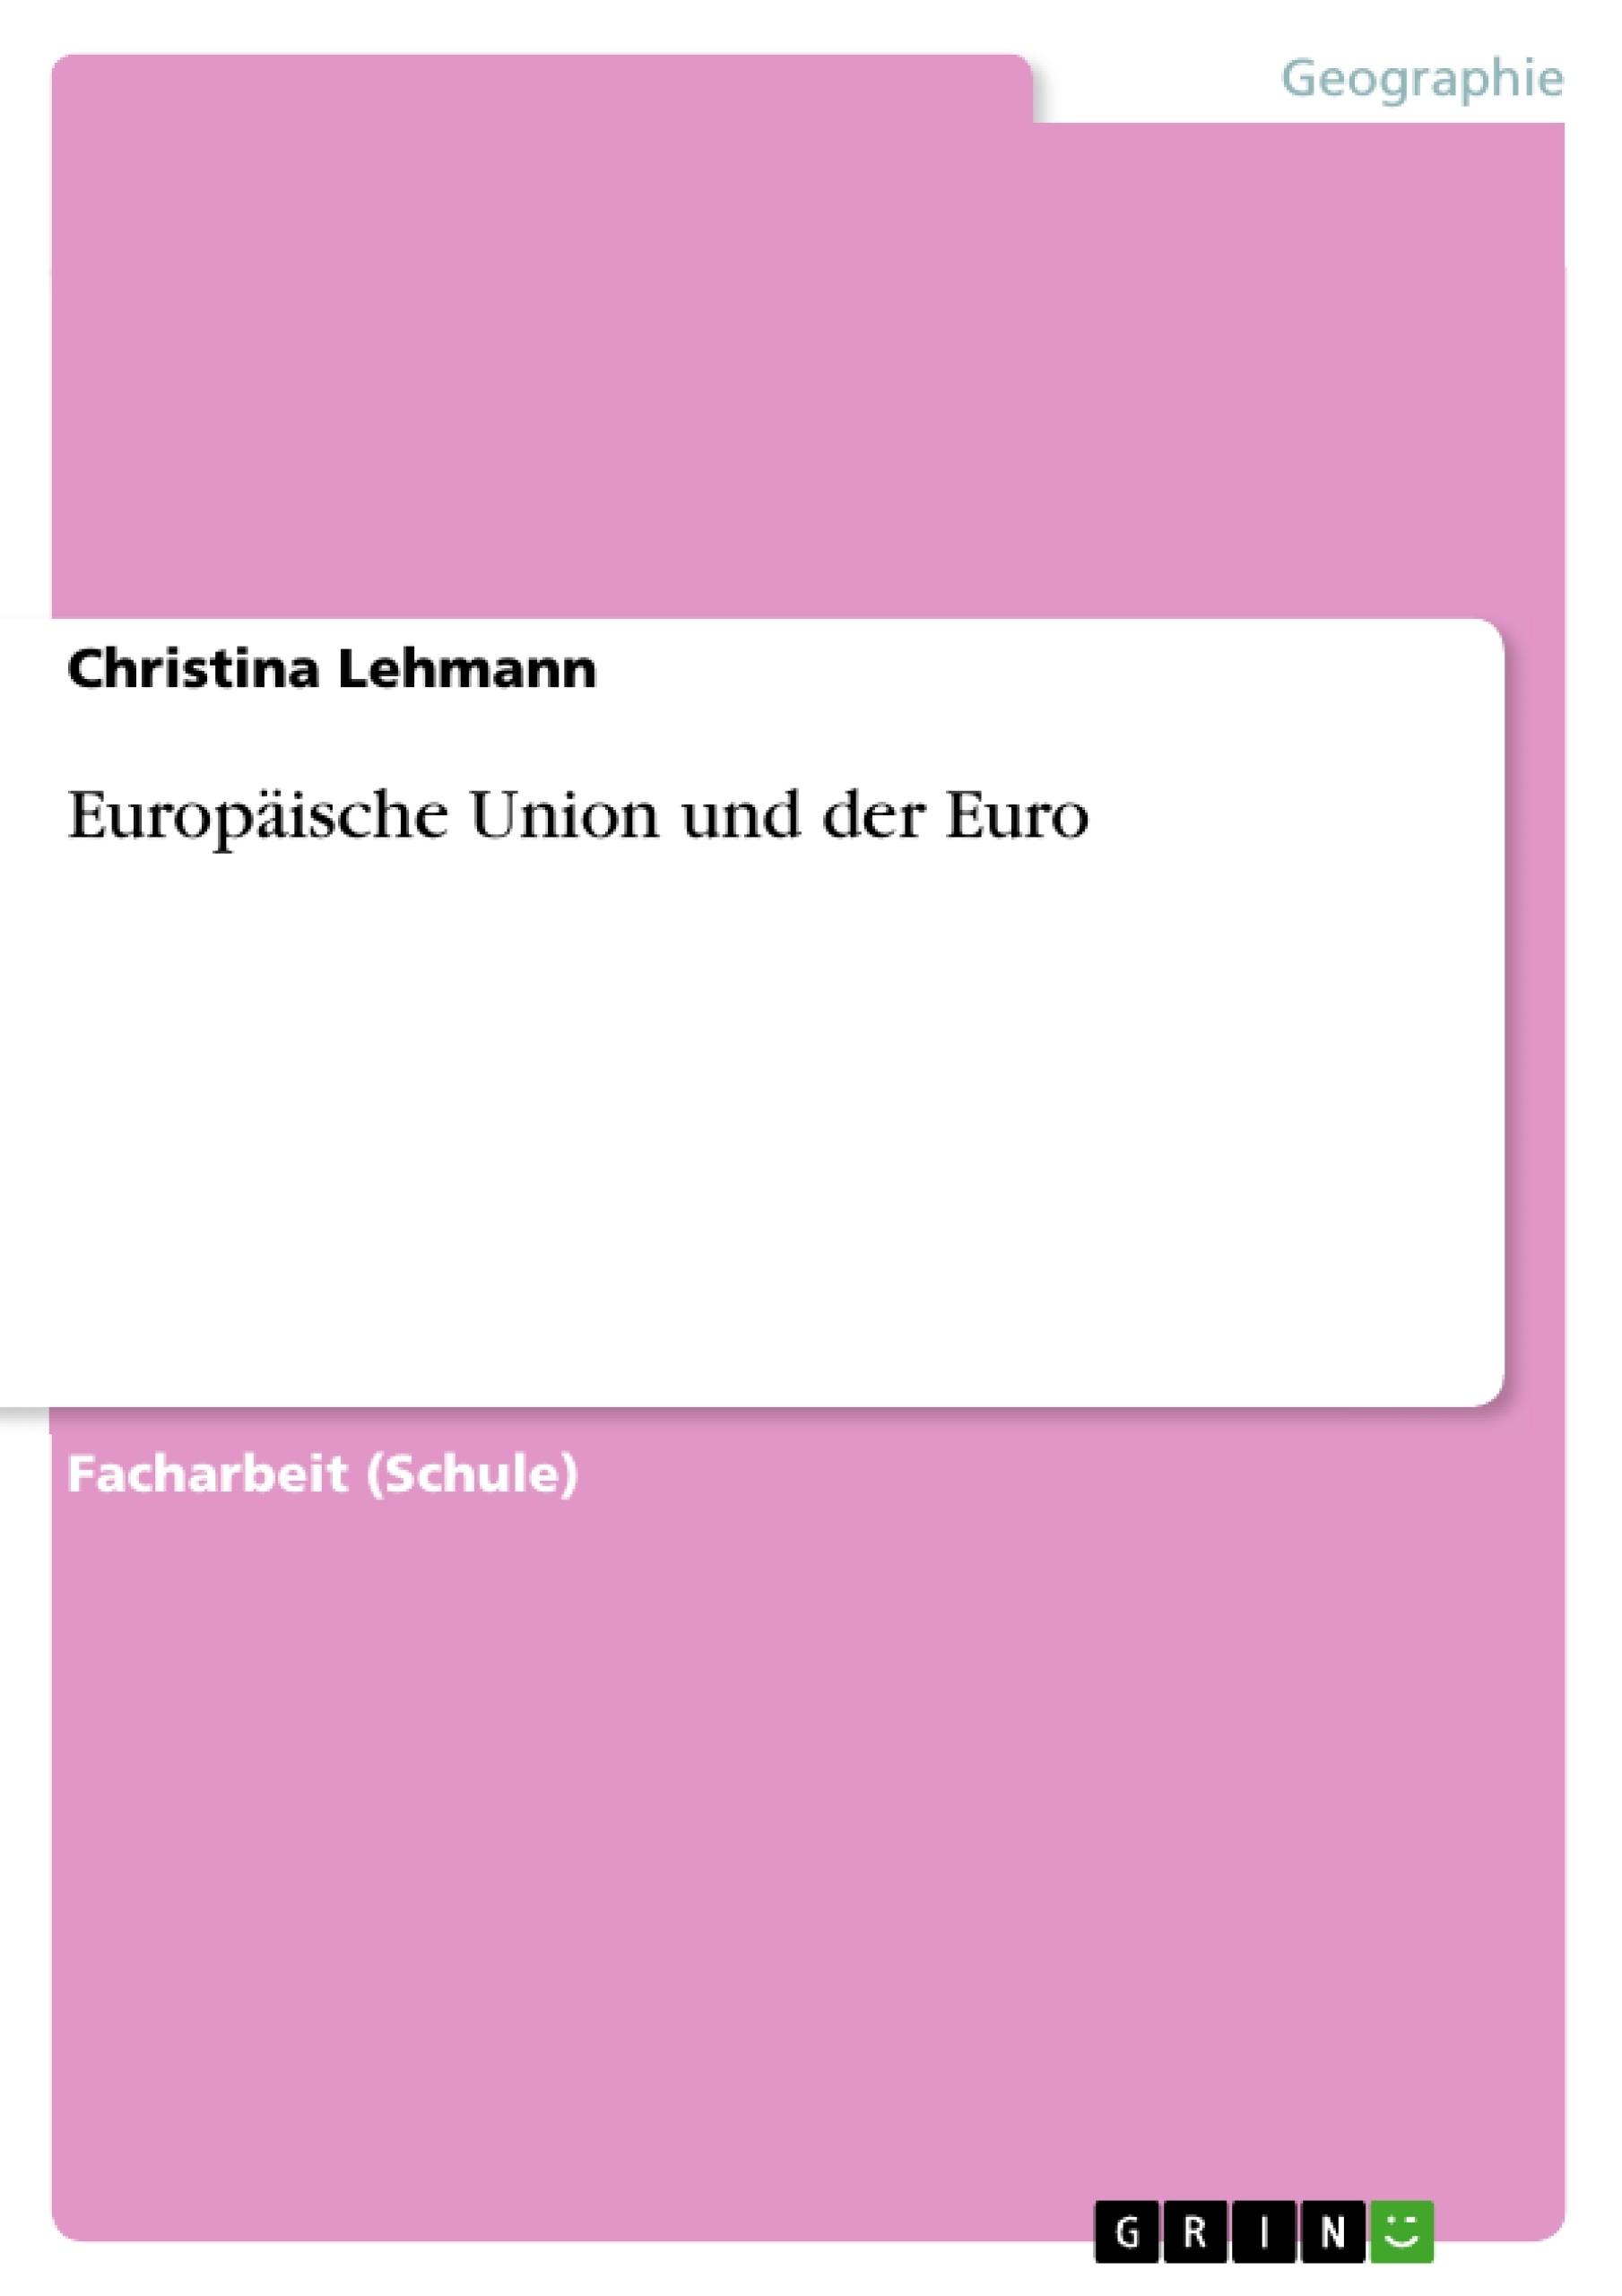 Titel: Europäische Union und der Euro